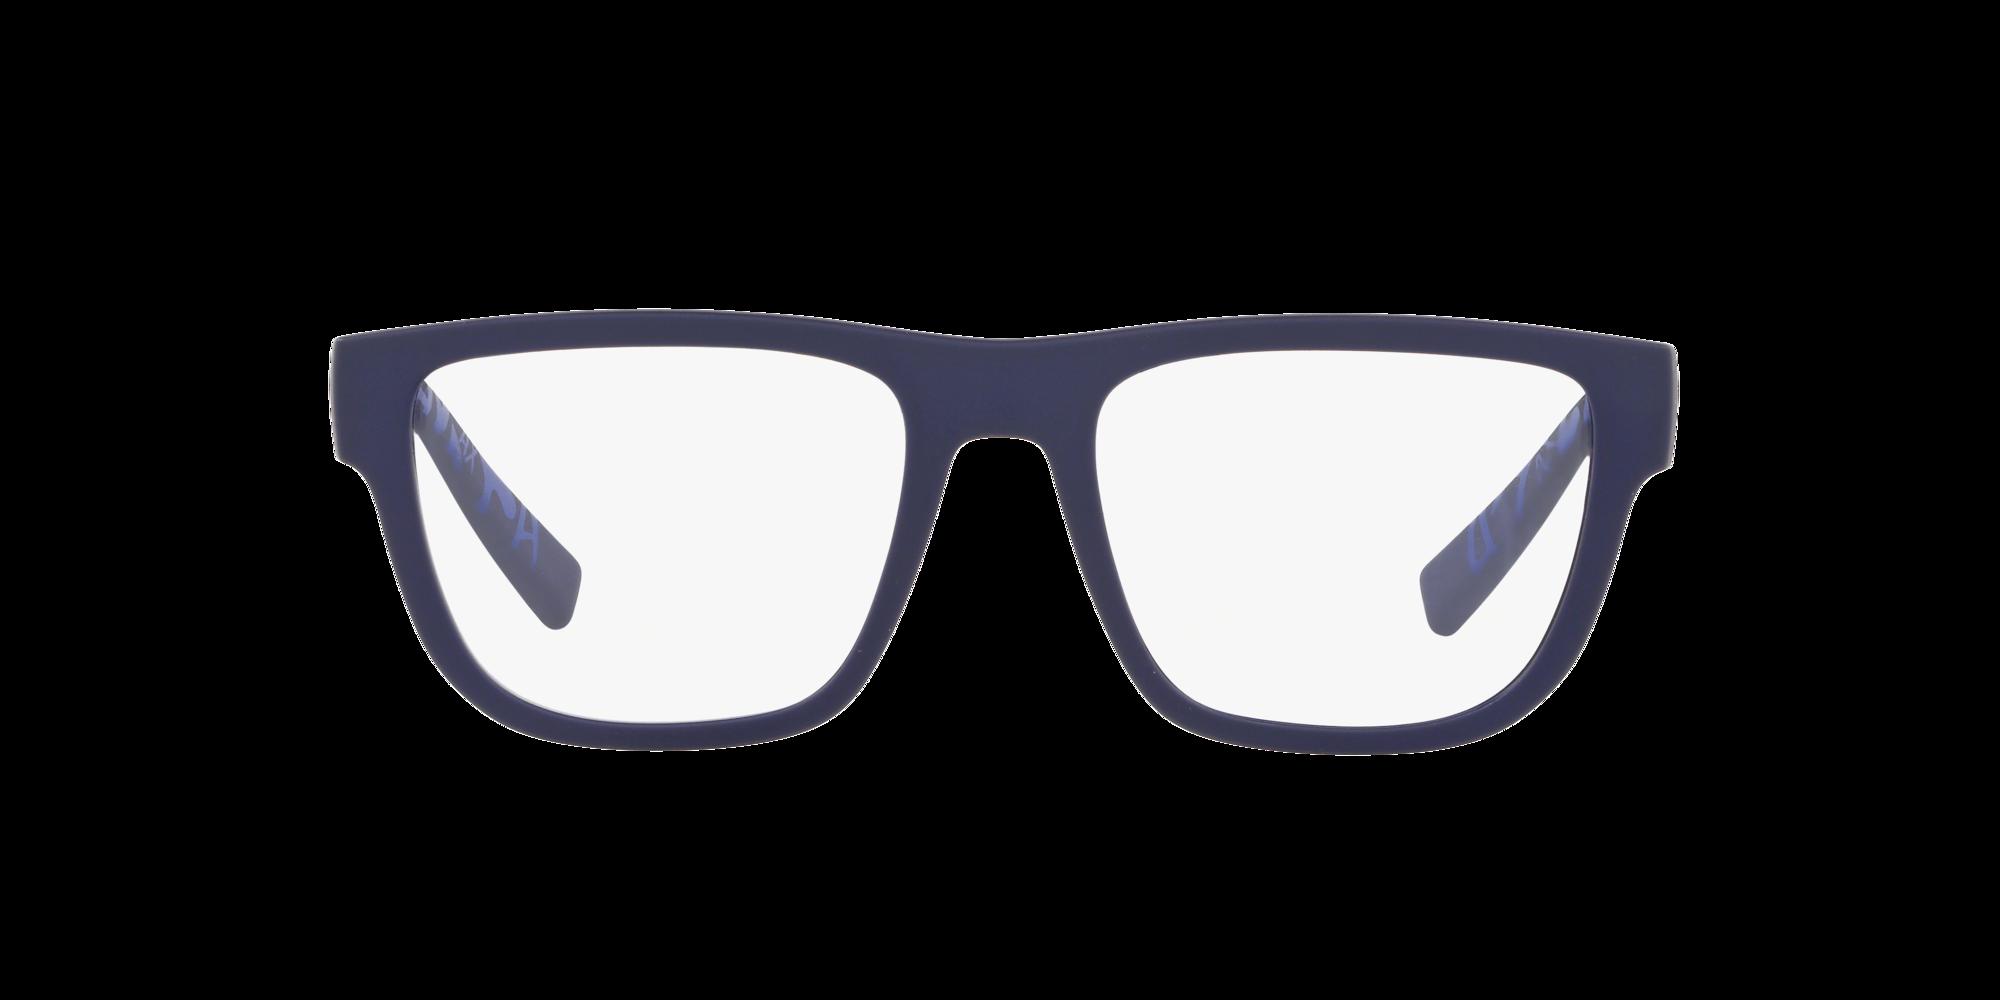 Imagen para AX3062 de LensCrafters |  Espejuelos, espejuelos graduados en línea, gafas